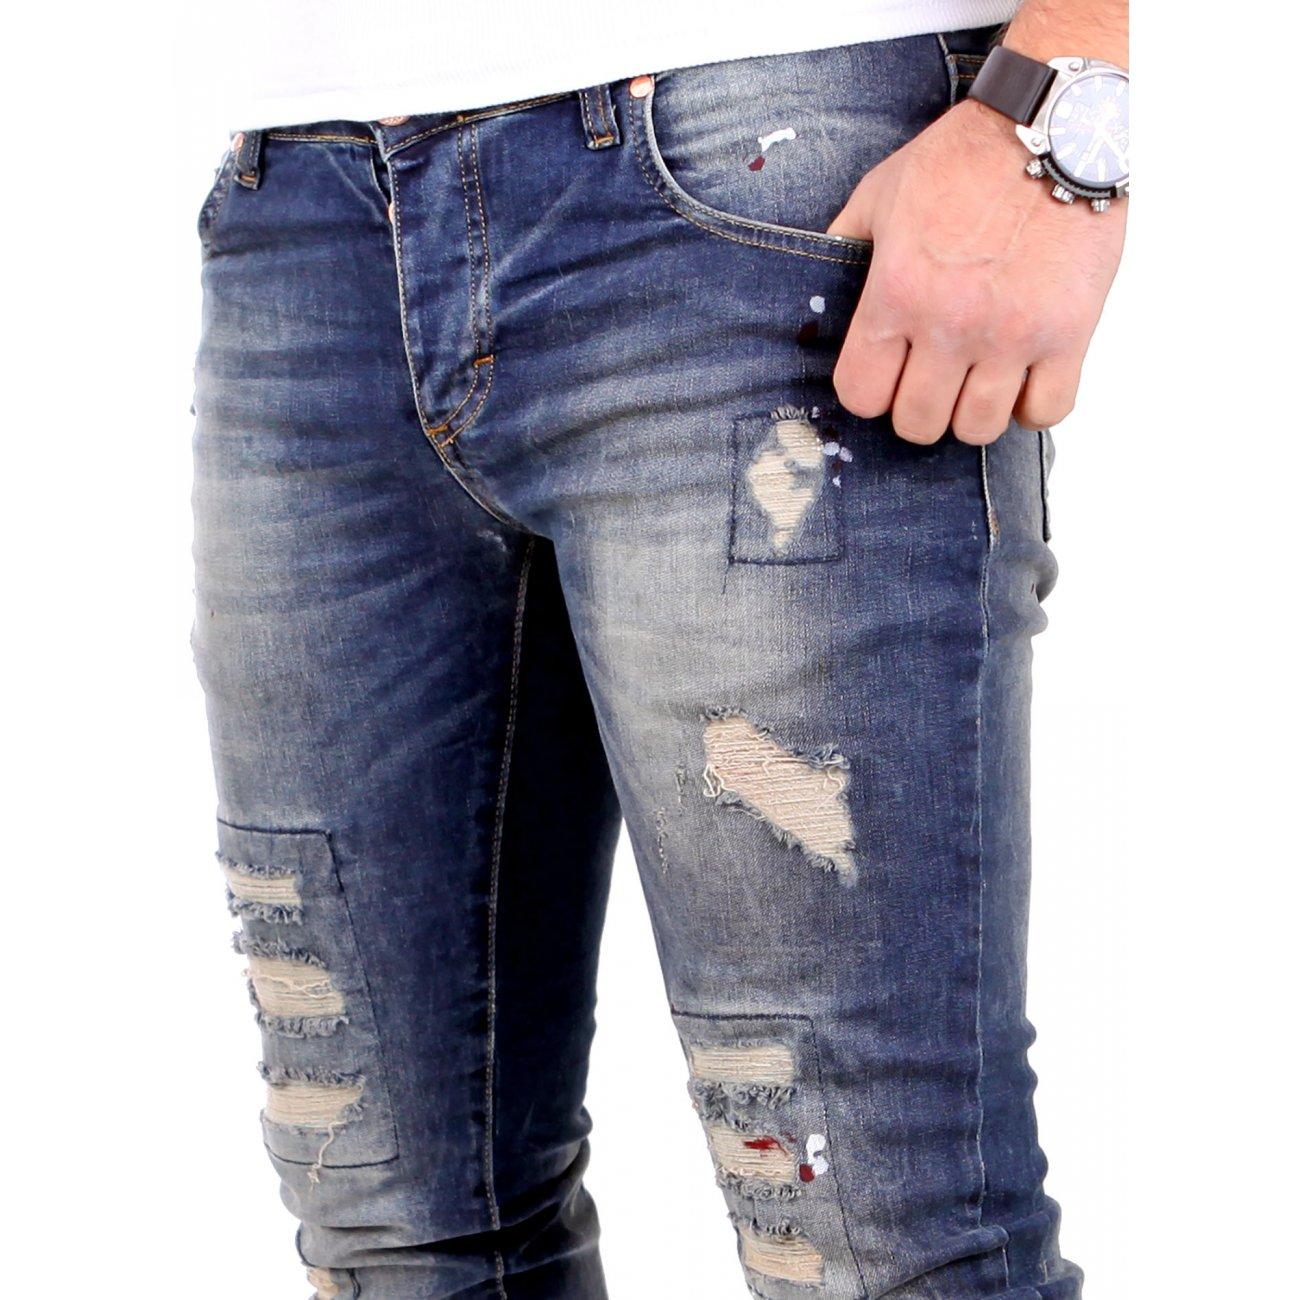 antifit jeans herren alec slim fit vsct destroyed denim. Black Bedroom Furniture Sets. Home Design Ideas